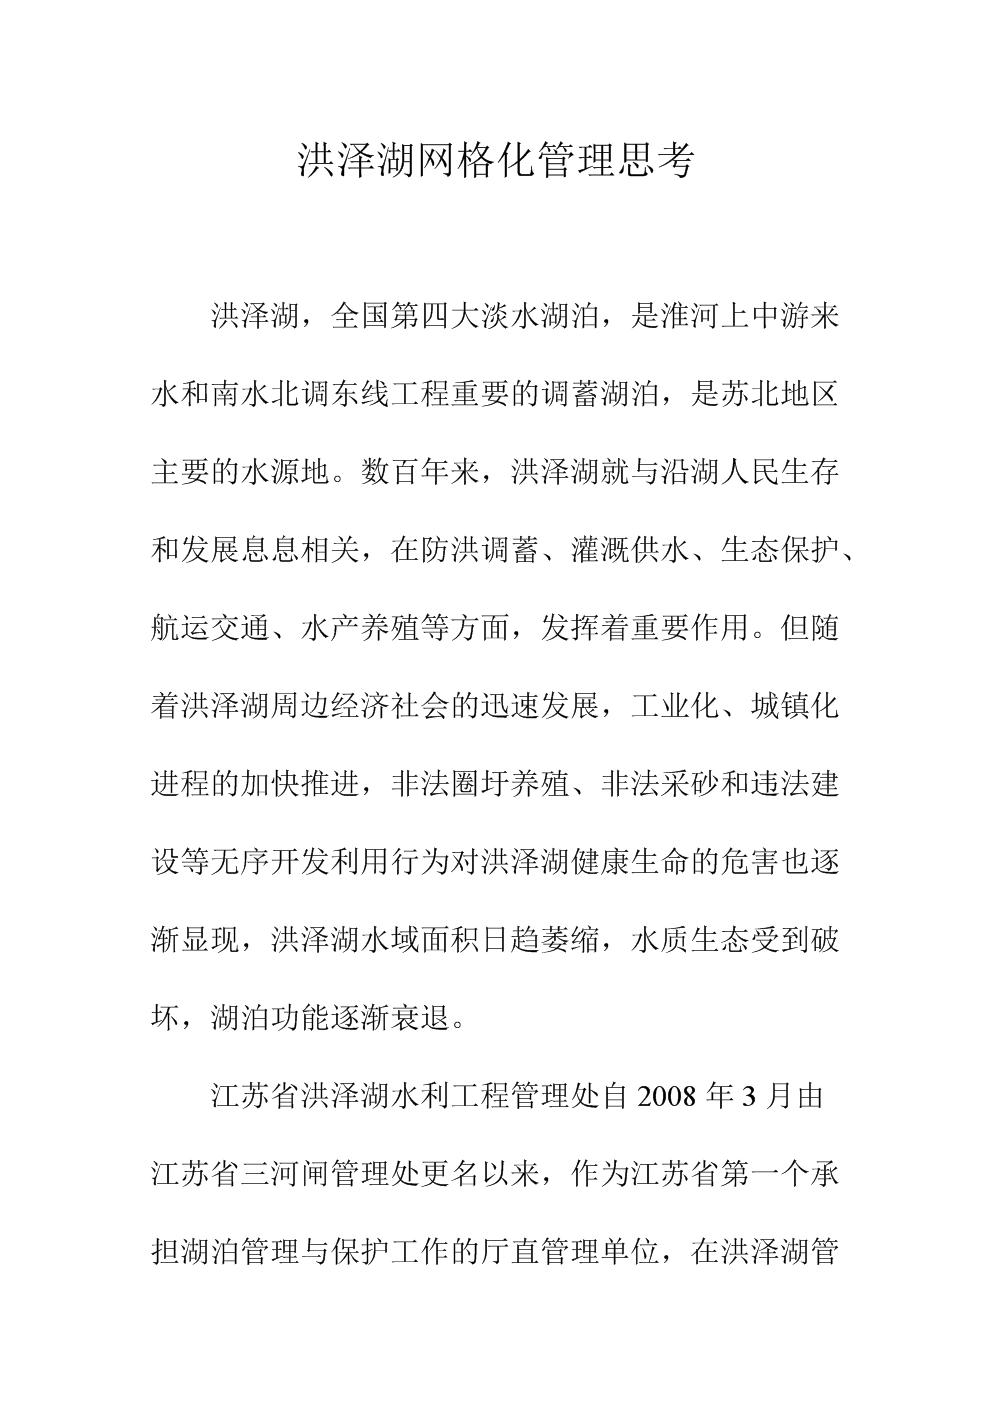 洪澤湖網格化管理探索(江蘇水利).doc